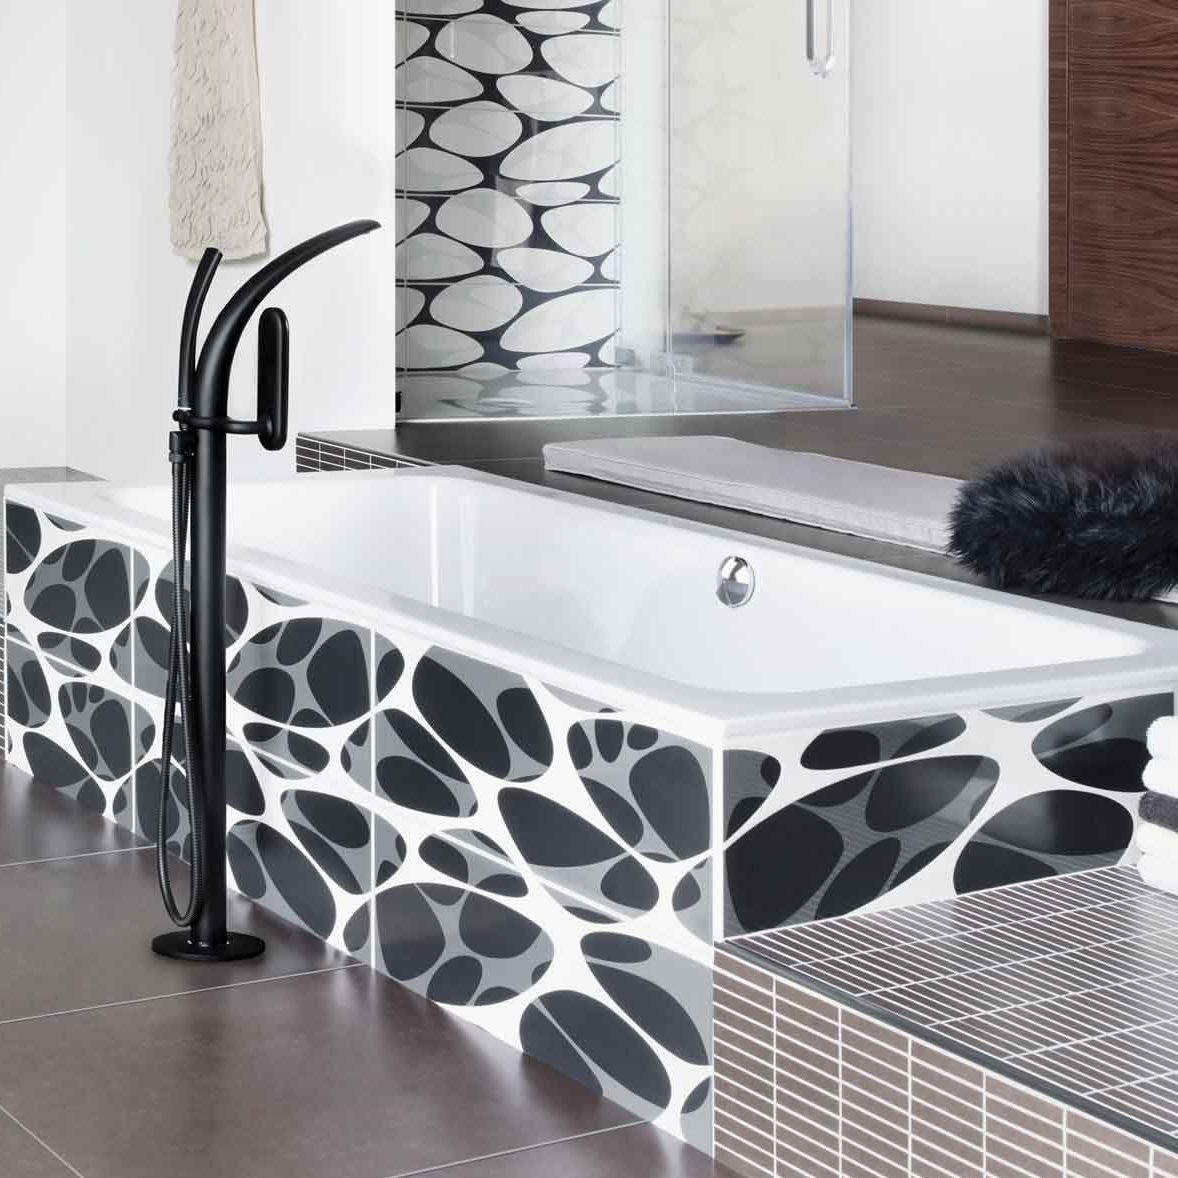 Indoor tile / bathroom / floor / wall - ORGANIC SENSE - Steuler-Fliesen